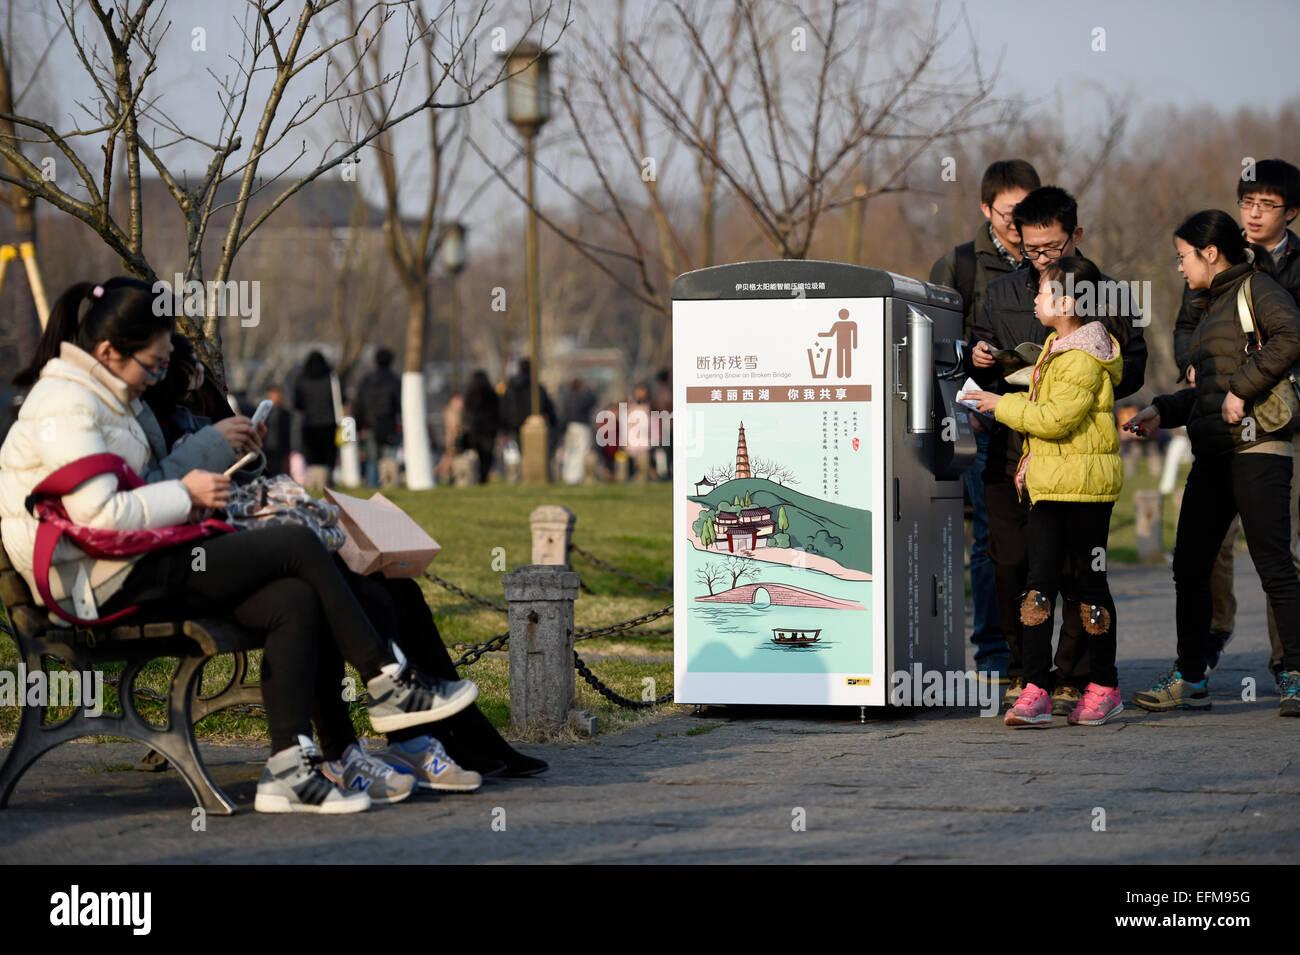 Hangzhou, Chine, Province de Zhejiang. 7 Février, 2015. Les gens prennent un coup d'oeil à une centrale Photo Stock